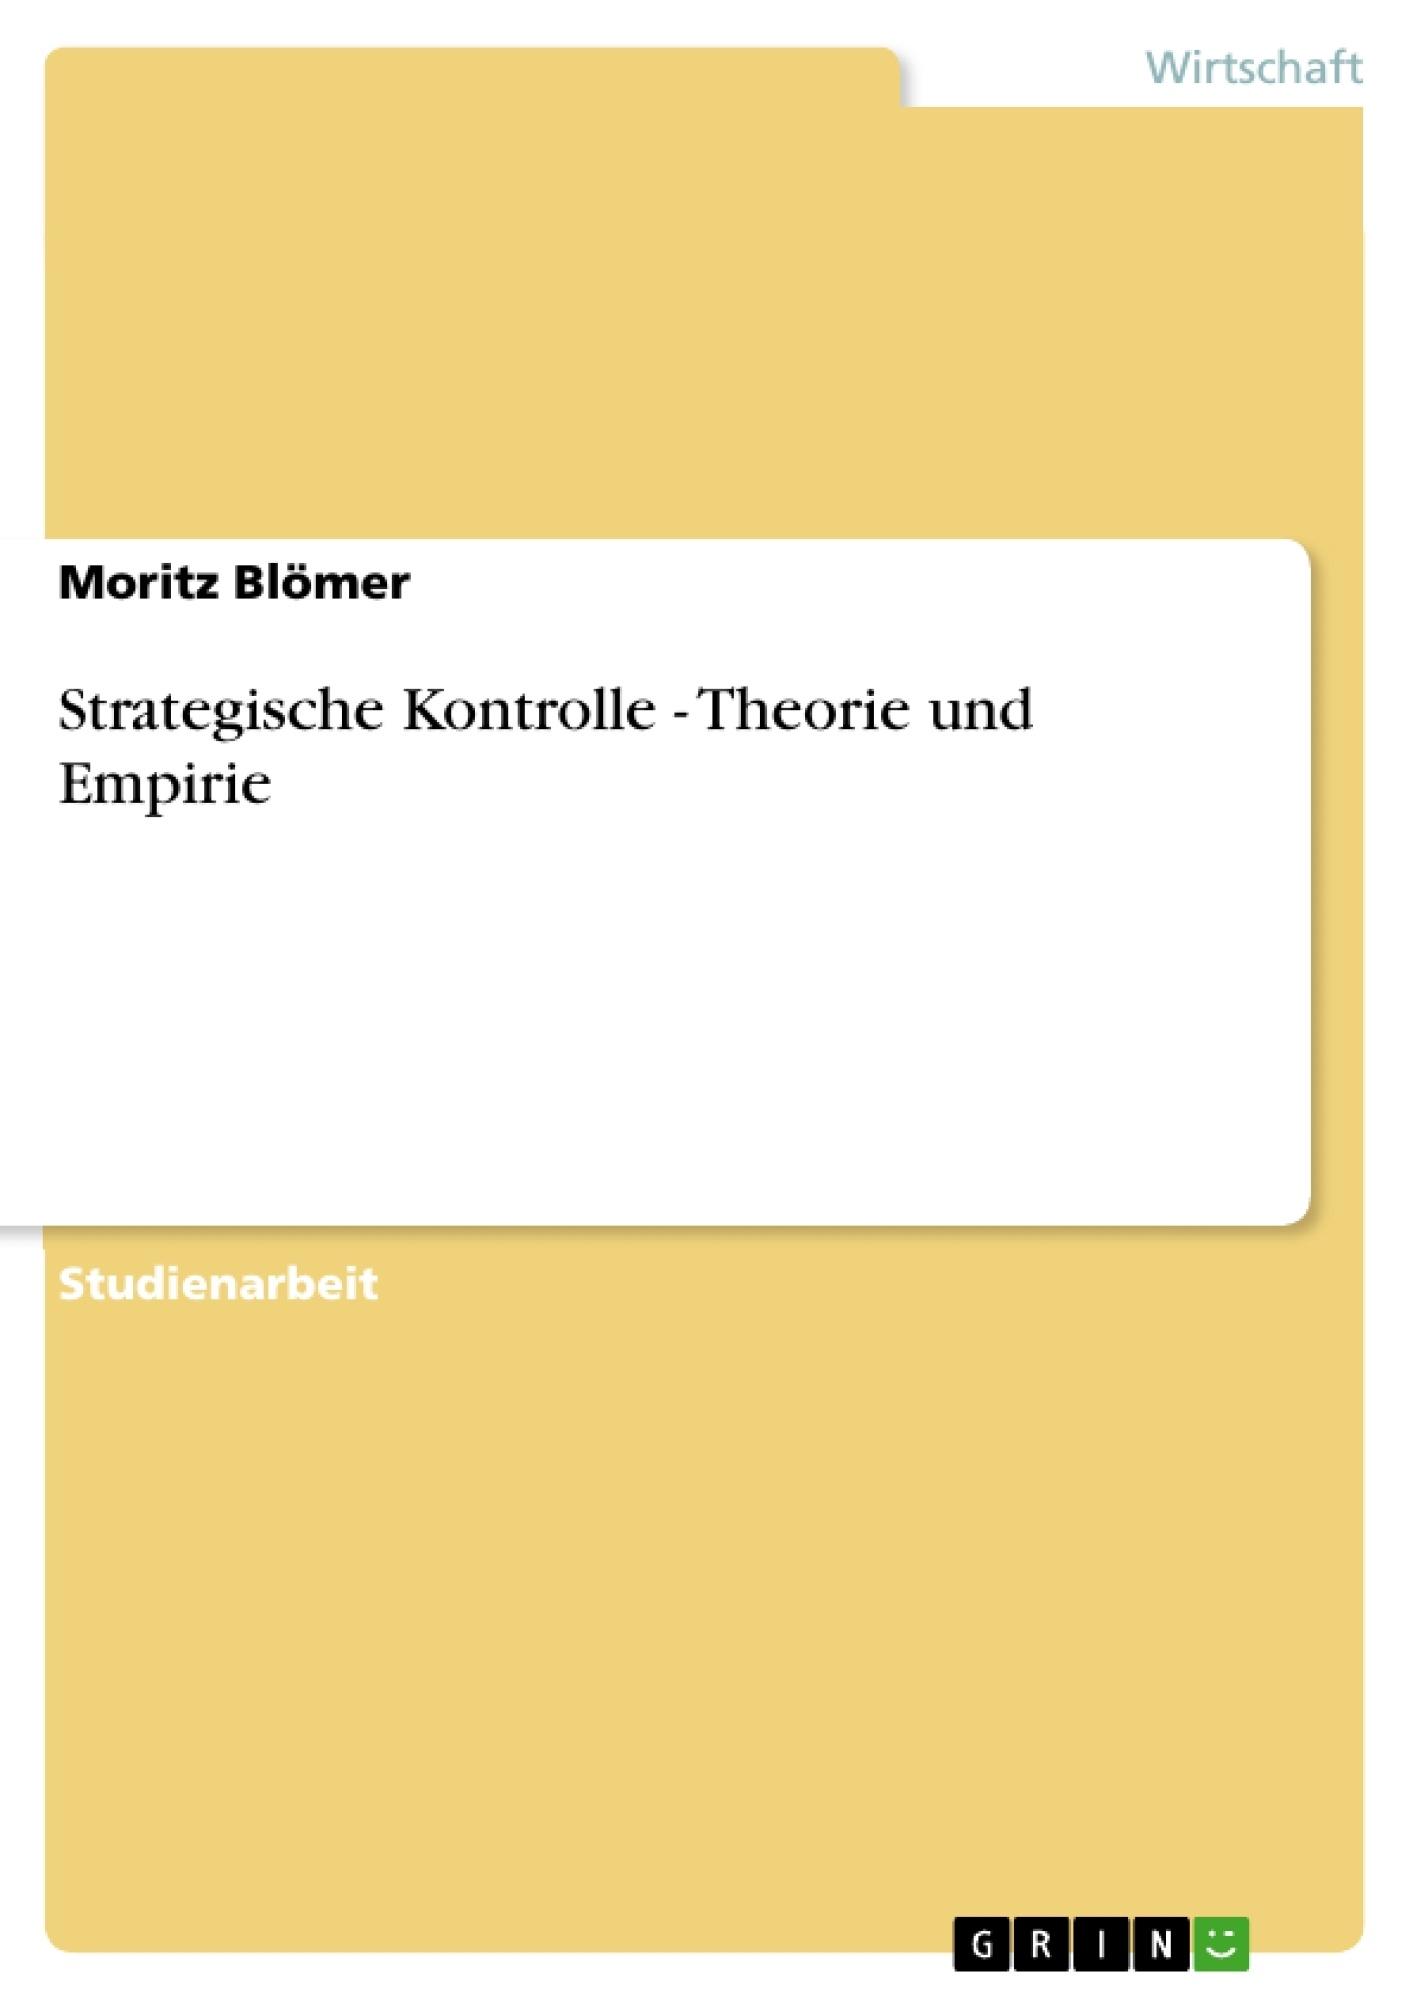 Titel: Strategische Kontrolle - Theorie und Empirie